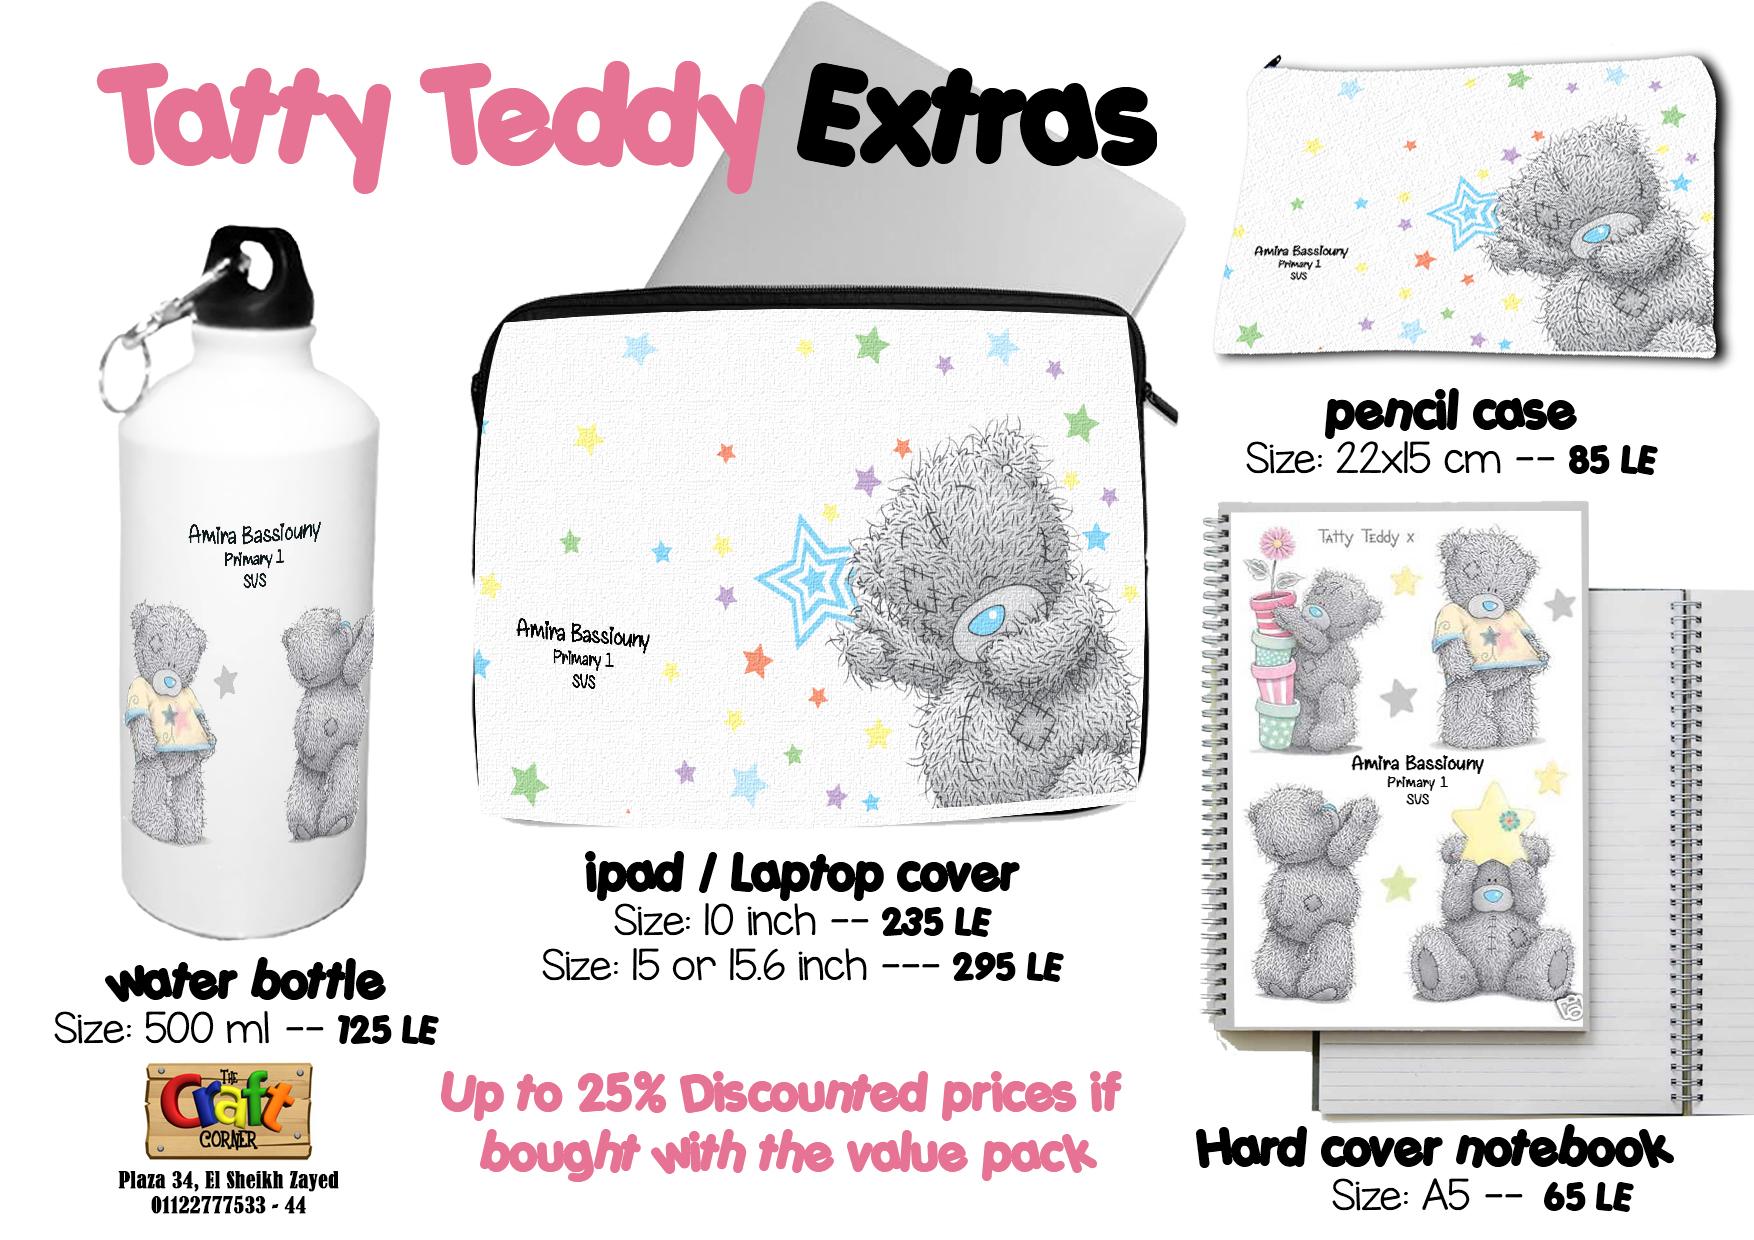 tatty teddy Extras